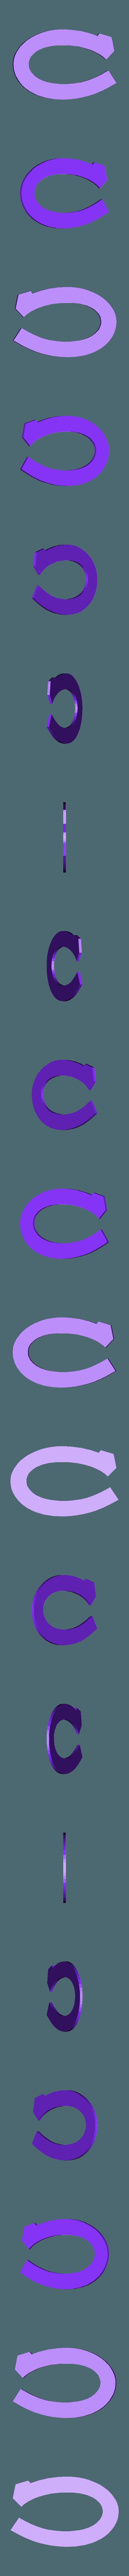 c_Insert_red.stl Télécharger fichier STL gratuit Dessous de verre Habs • Modèle pour imprimante 3D, snagman